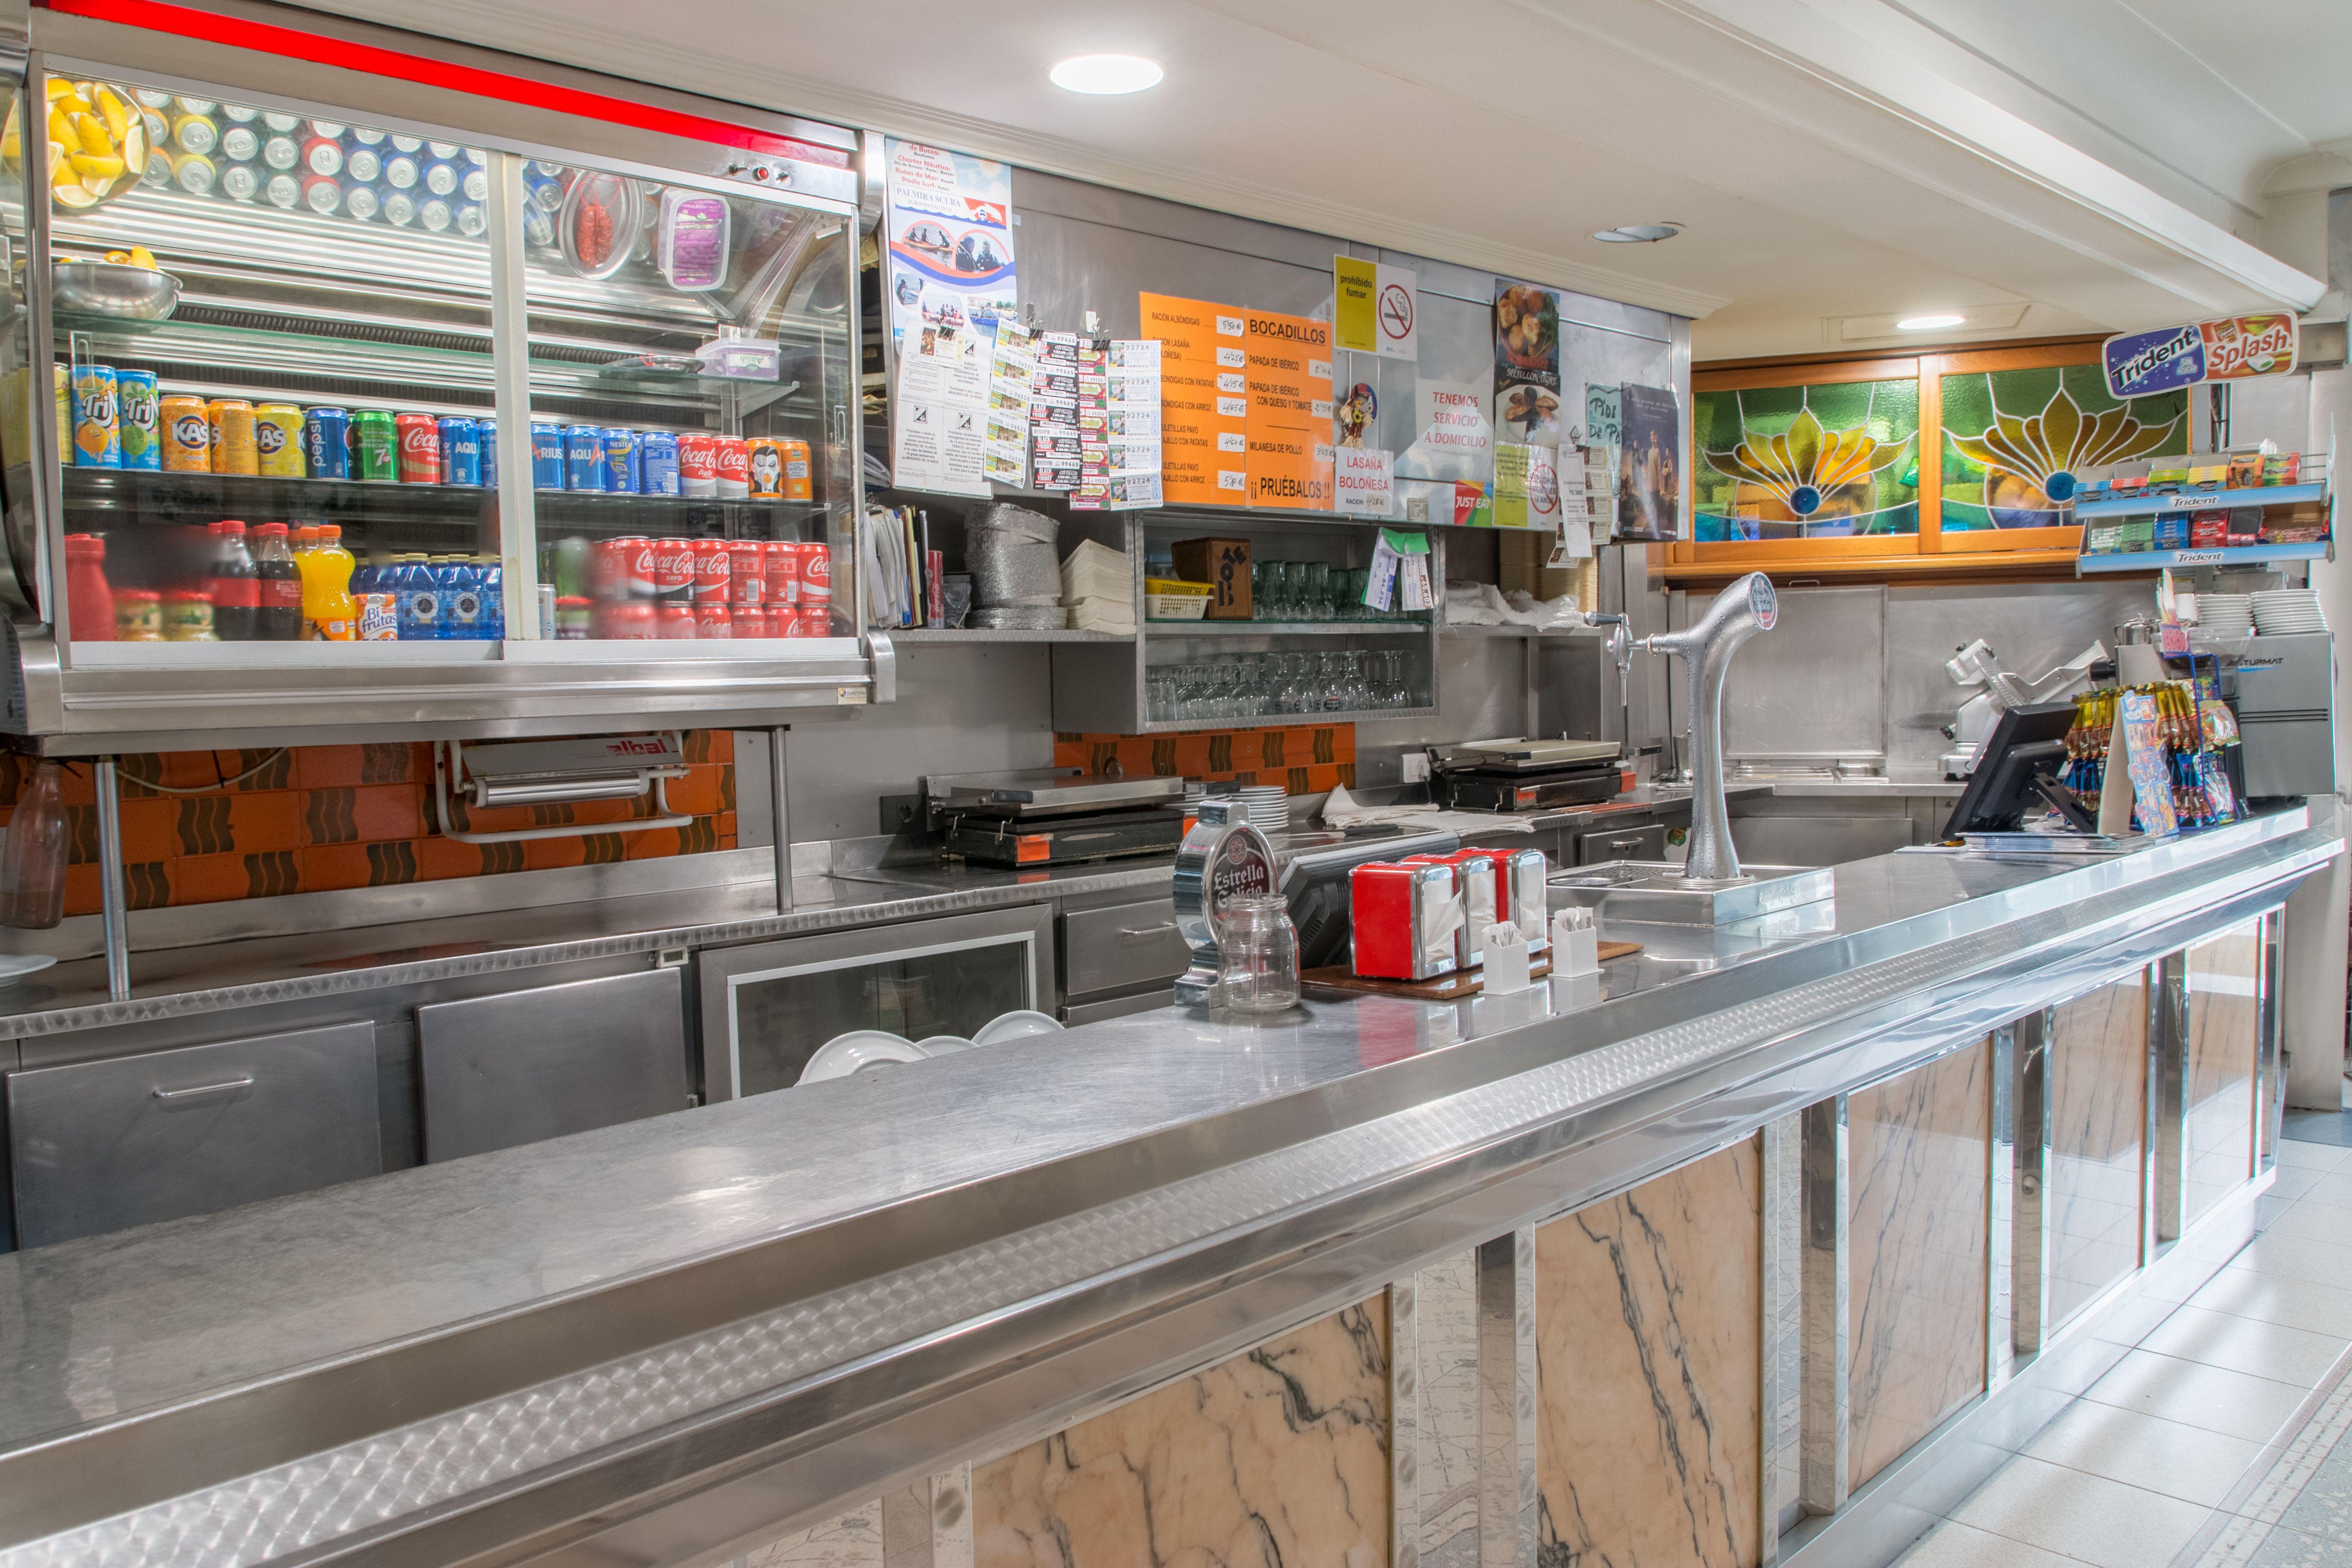 Foto 2 de Establecimiento con una amplia variedad en bocadillos, pollos asados, sándwiches y hamburguesas en Santiago de Compostela | O Rei Do Bocadillo